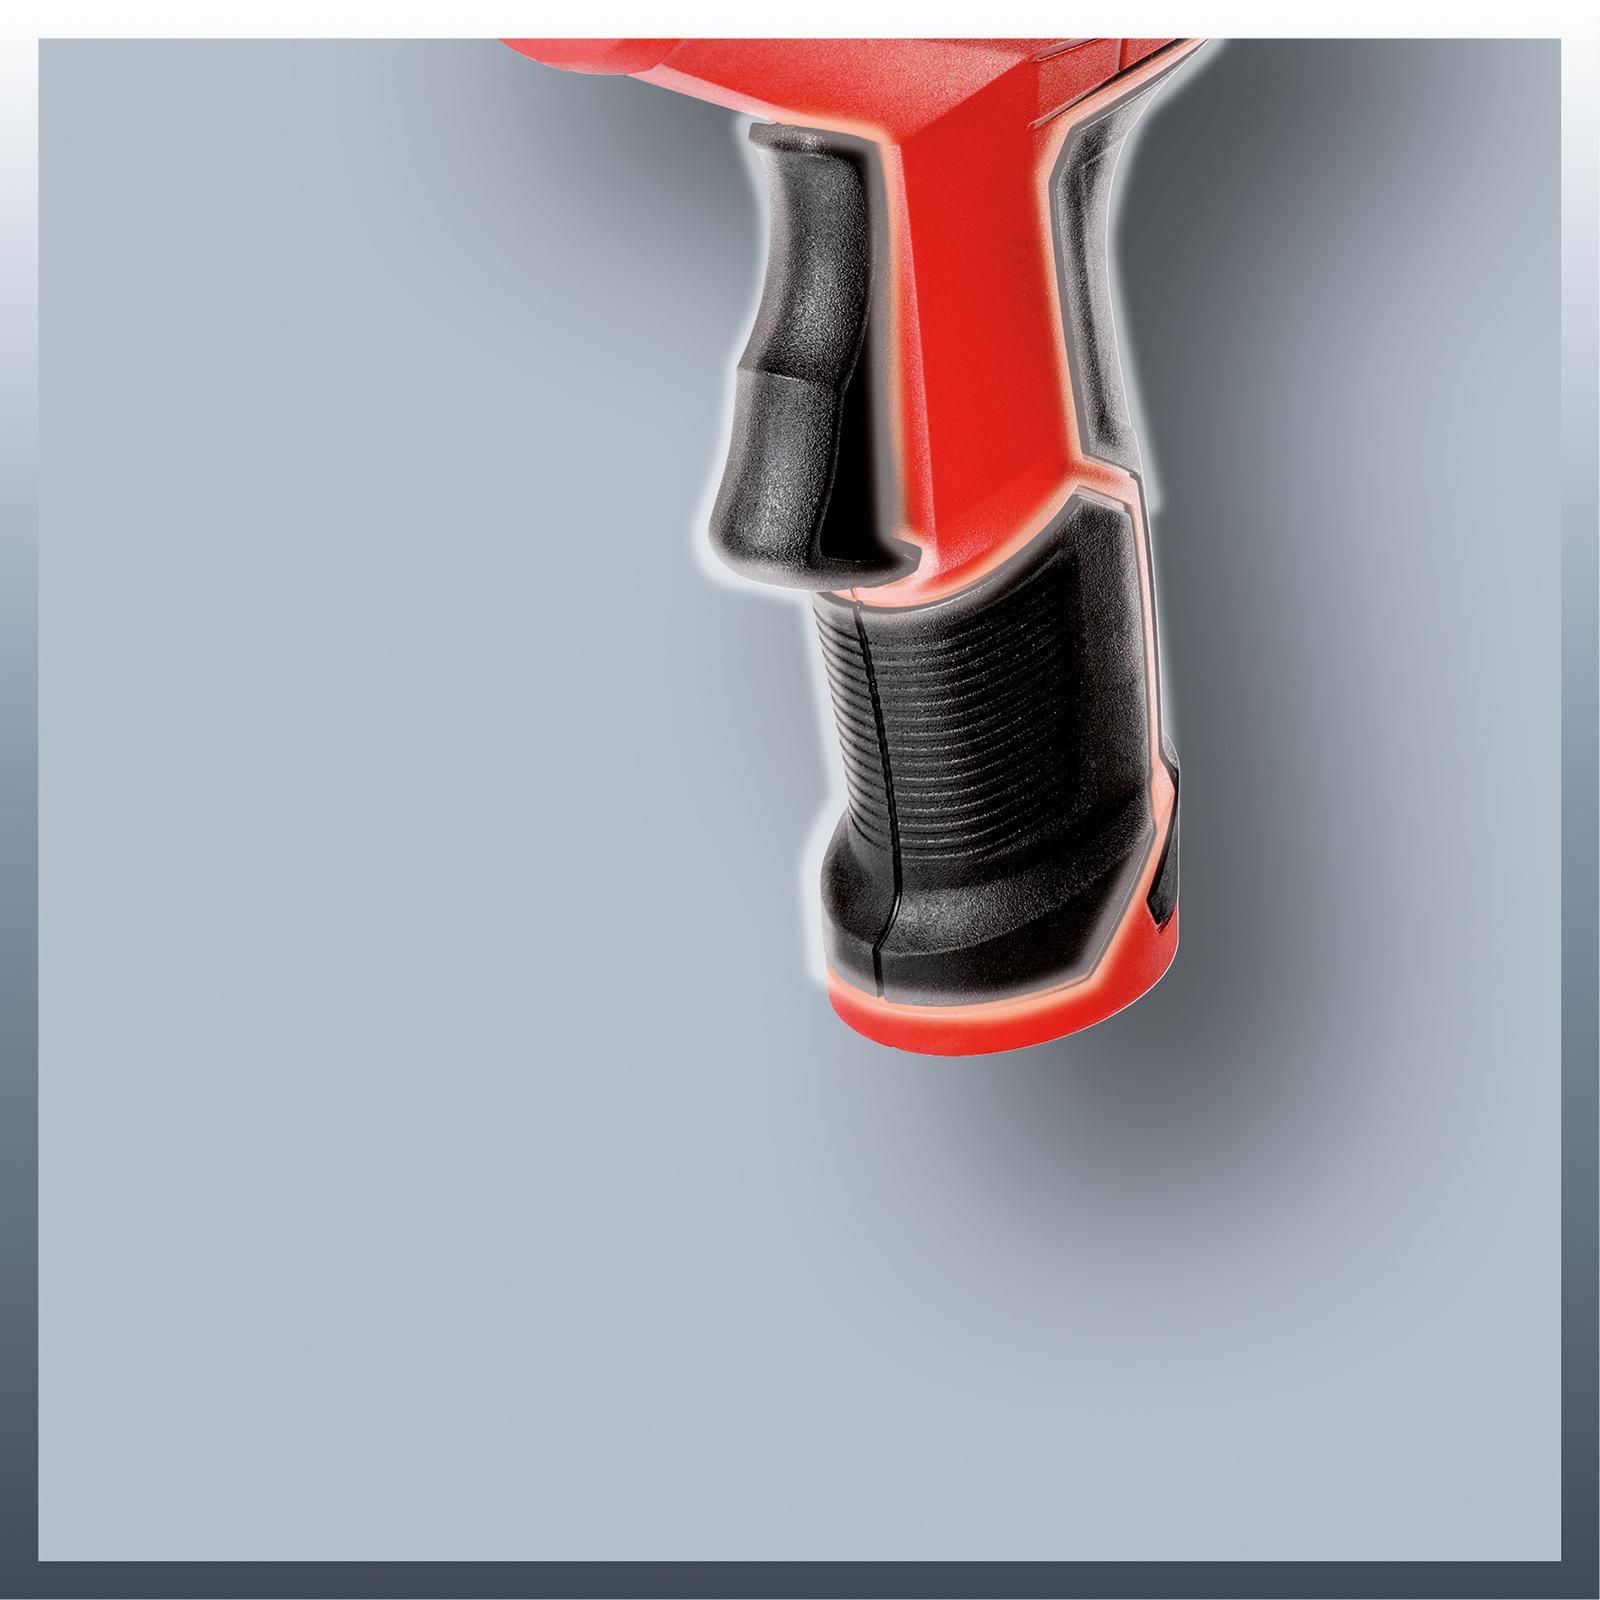 Einhell TC-CG 3,6 Li Akku-Heißklebepistole Klebepistole Heißklebe Heißklebegerät